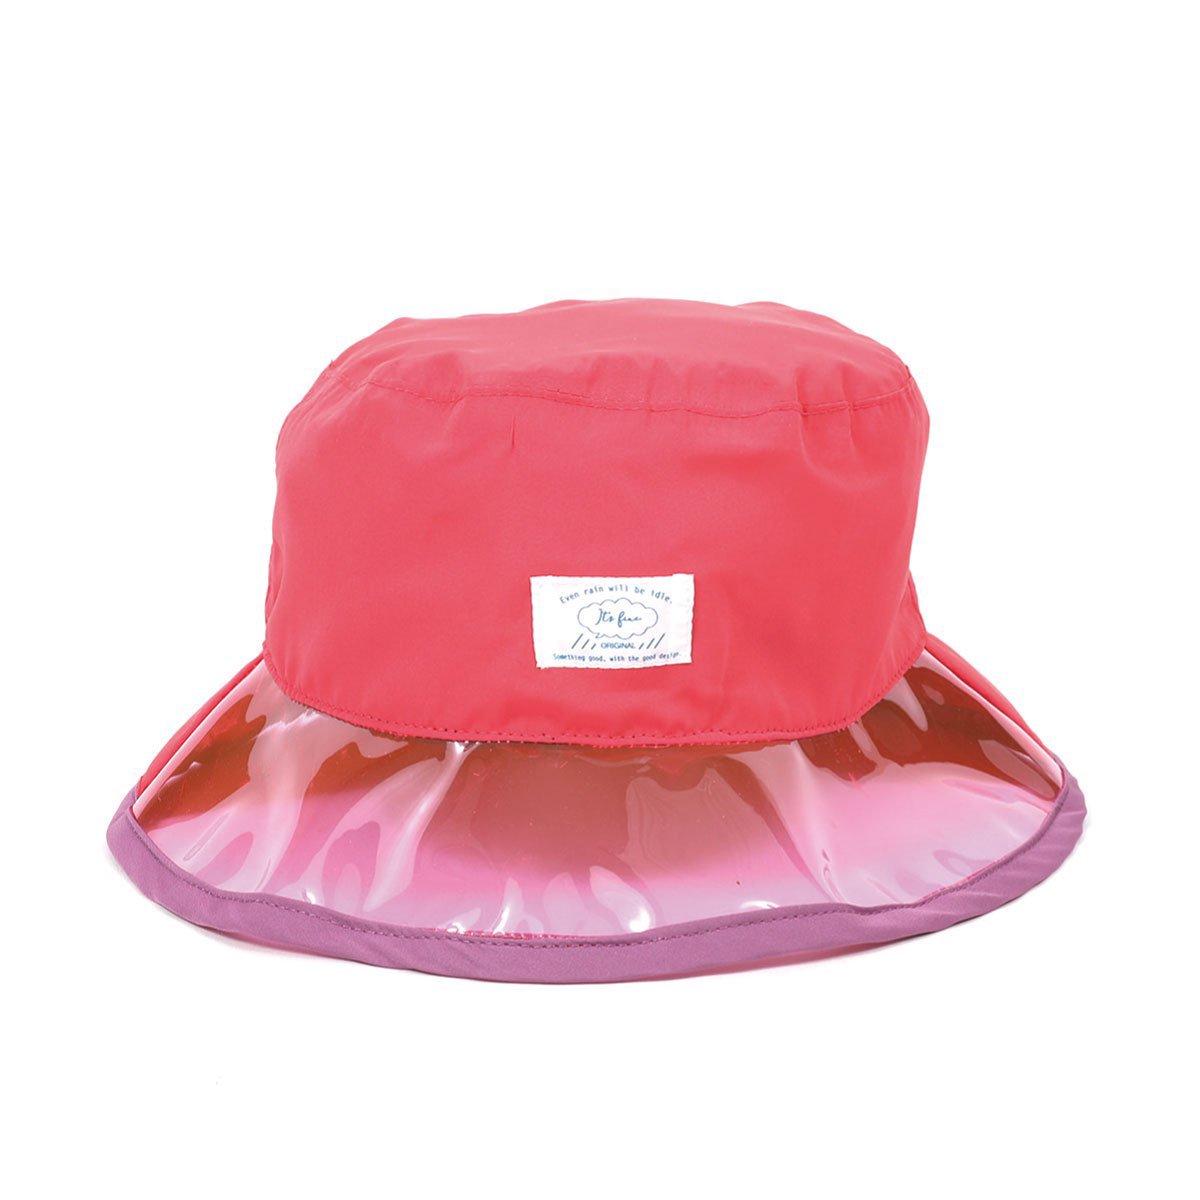 【KIDS】Rain PVC Hat 詳細画像4